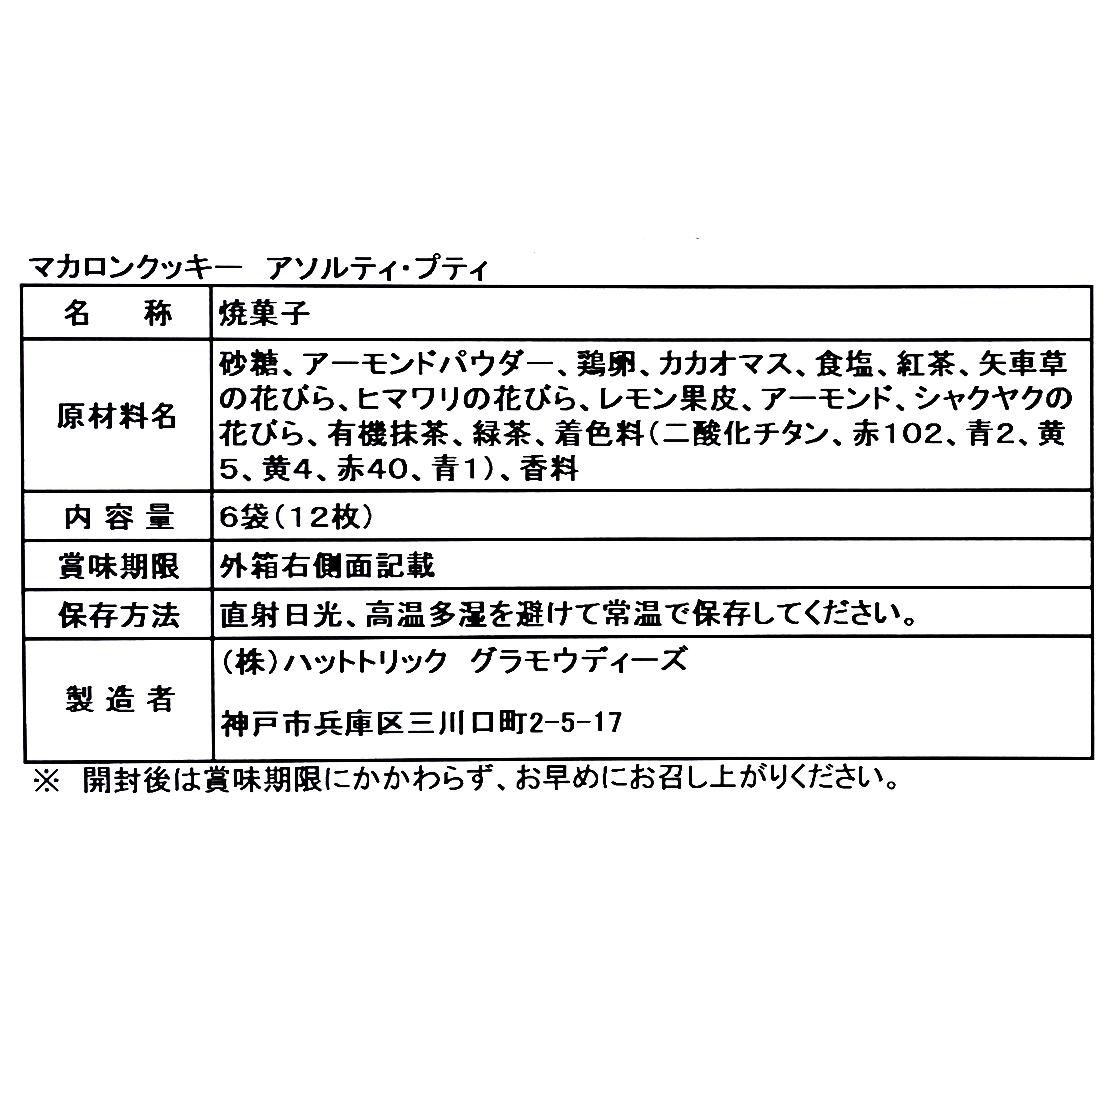 トゥーゴータンブラー/カーキ[キントー]+焼き菓子+コーヒー 35